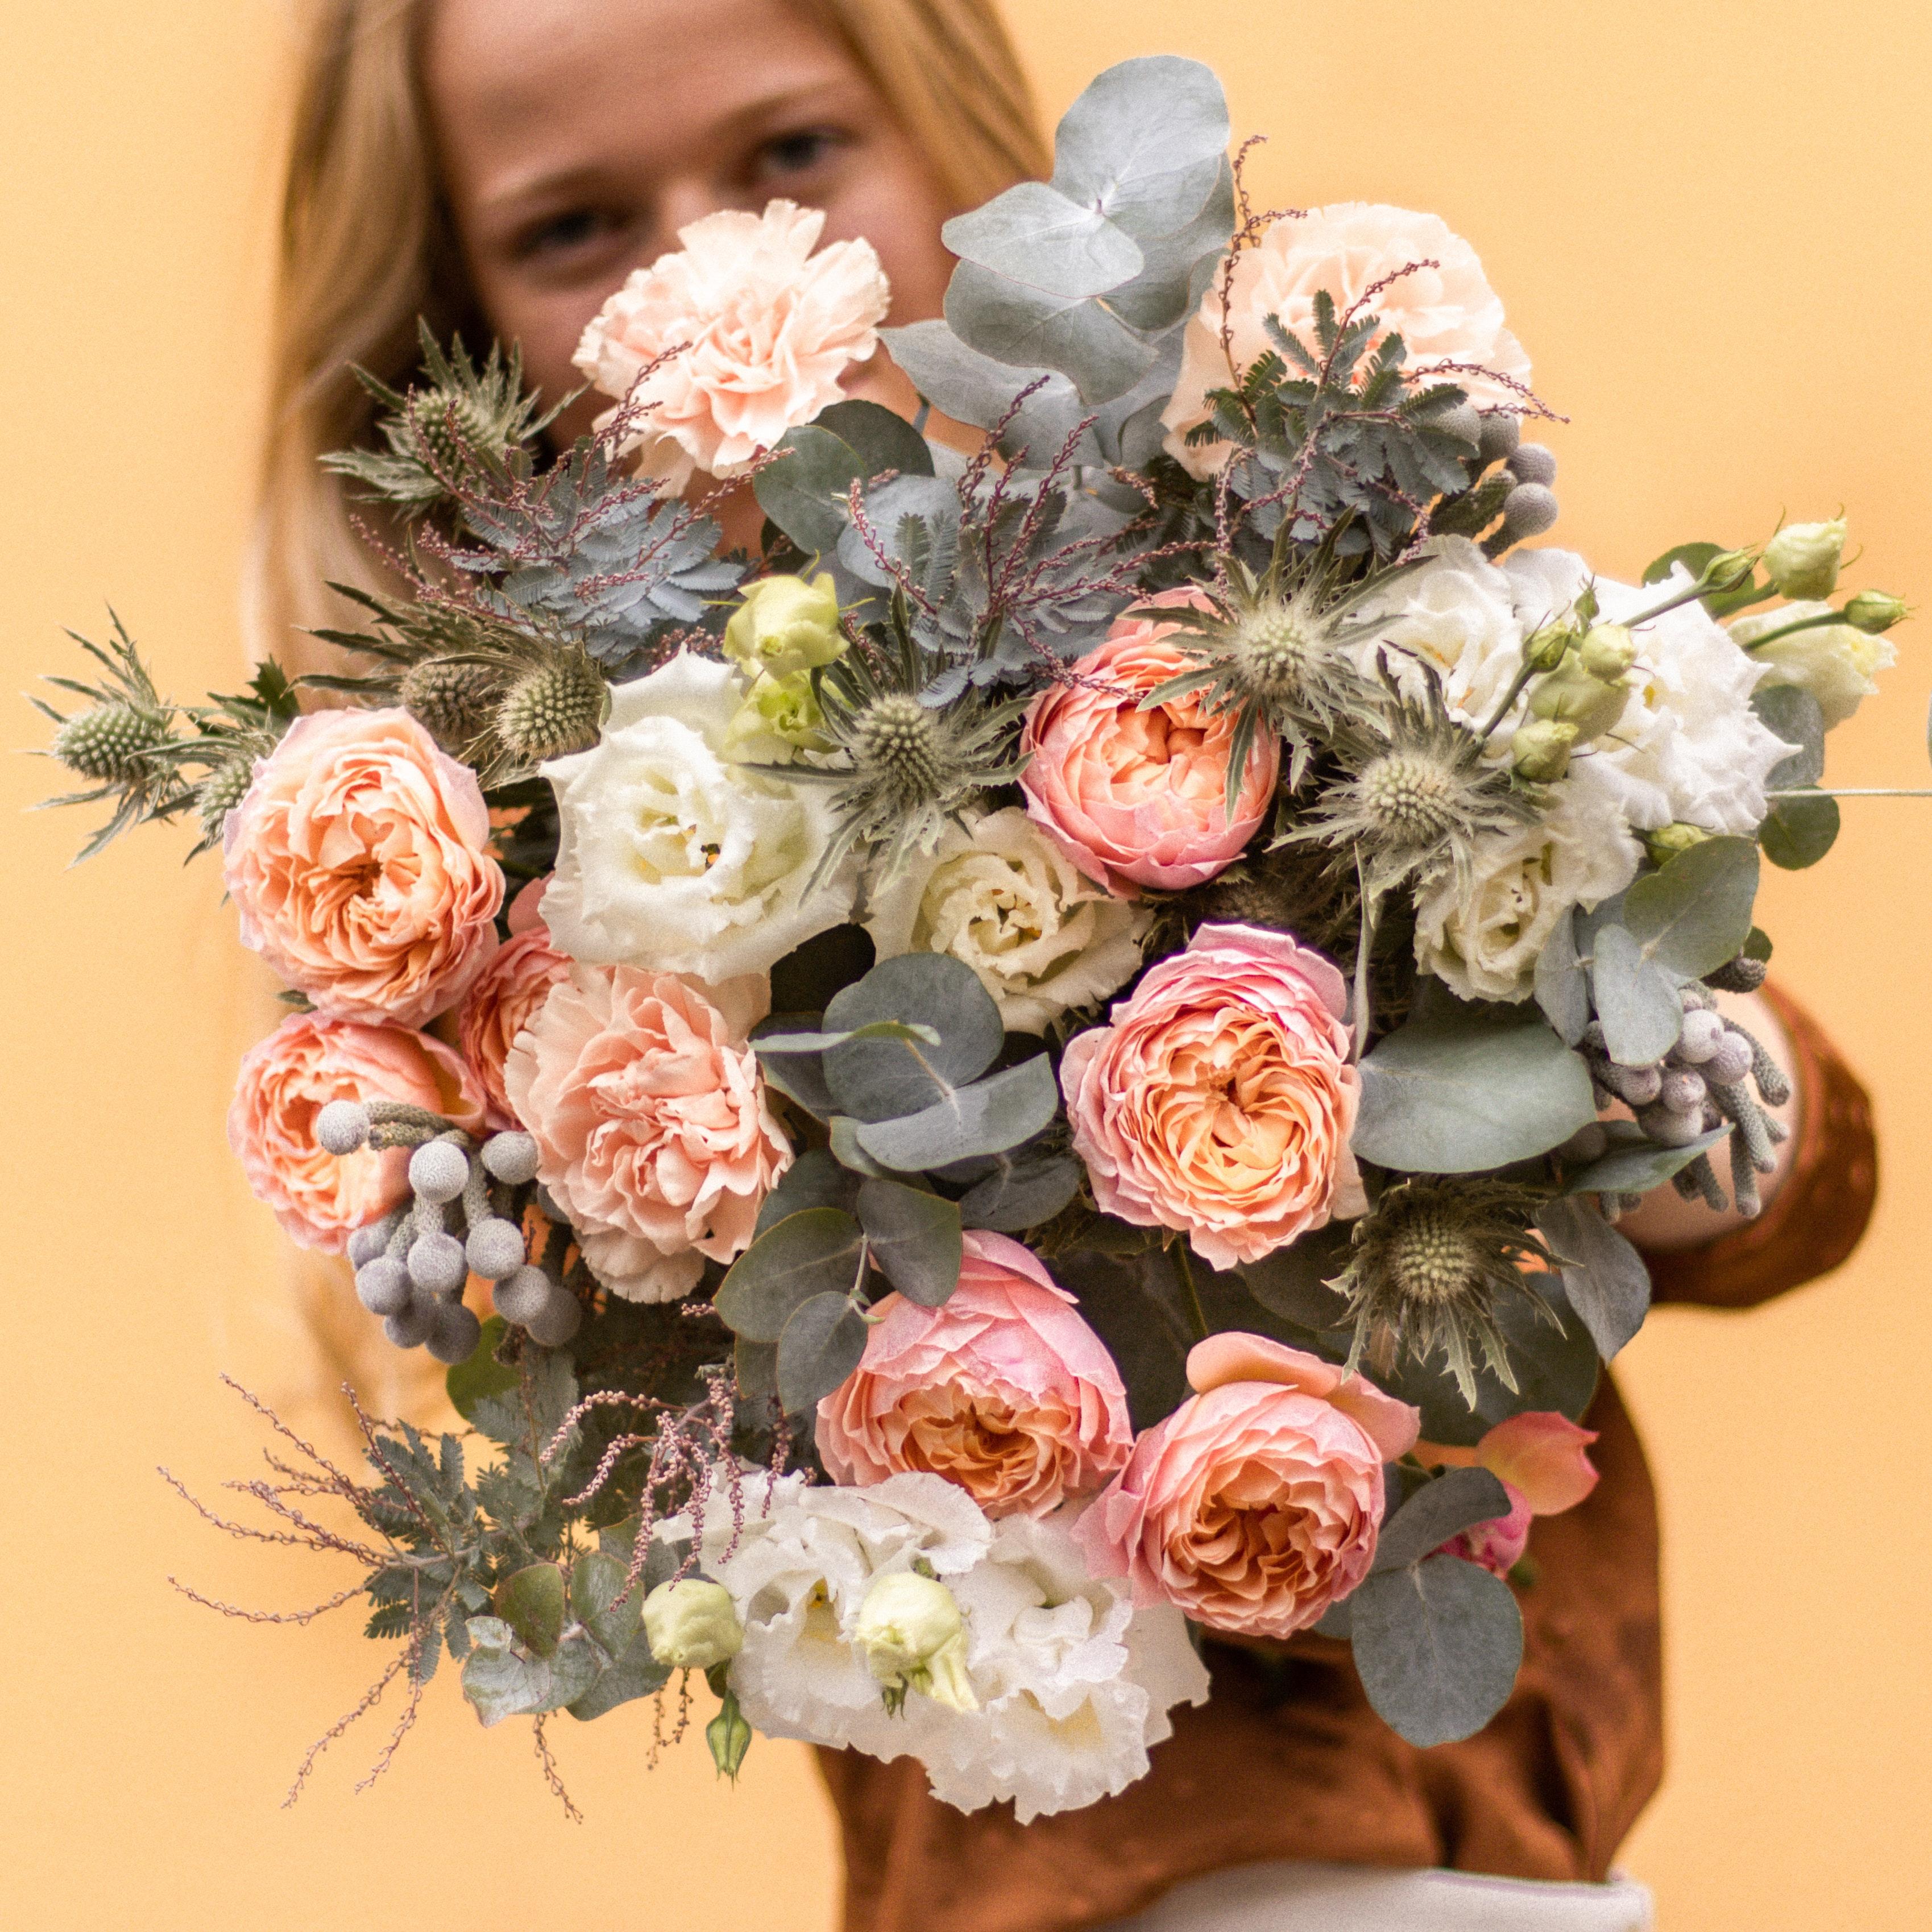 Découvrez notre sélection de bouquets de fleurs en France